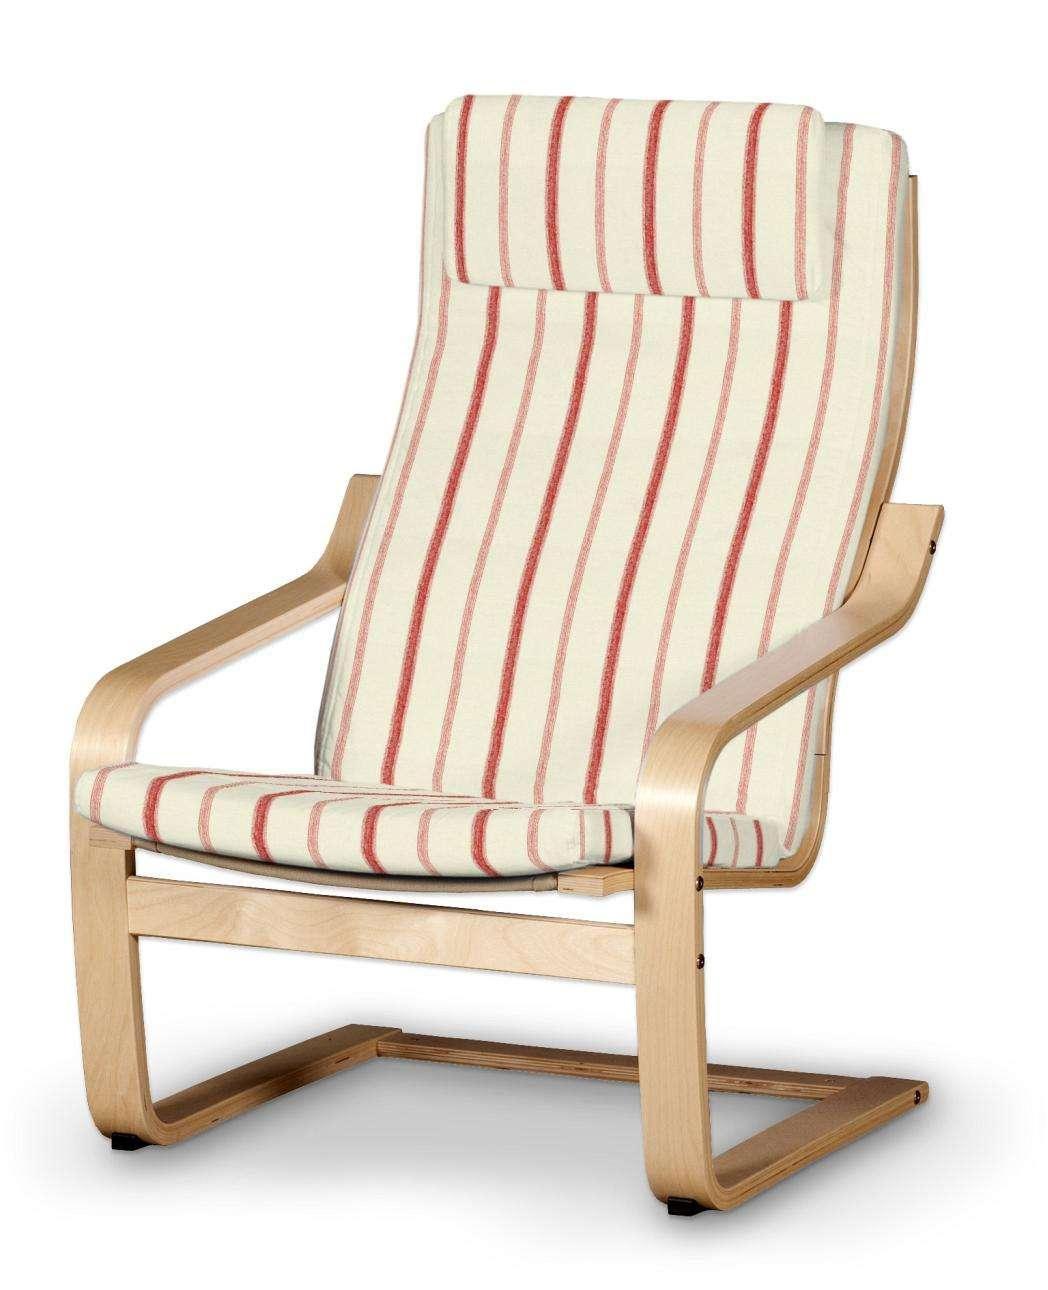 Poäng II  fotelio užvalkalas (su nuimama pagalvėle) Poäng II fotelis su nuimama pagalvėle kolekcijoje Avinon, audinys: 129-15